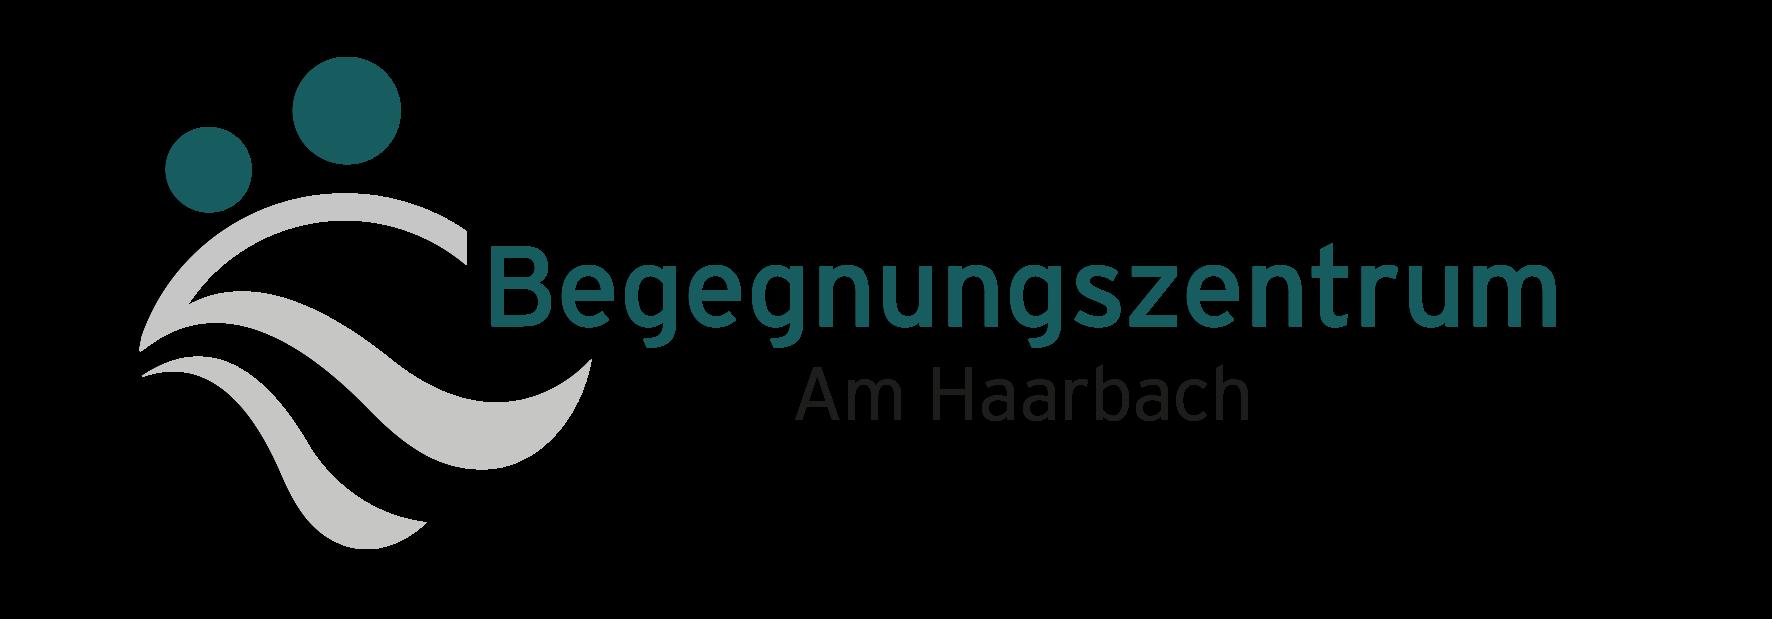 begegnungszentrum-amhaarbach.de